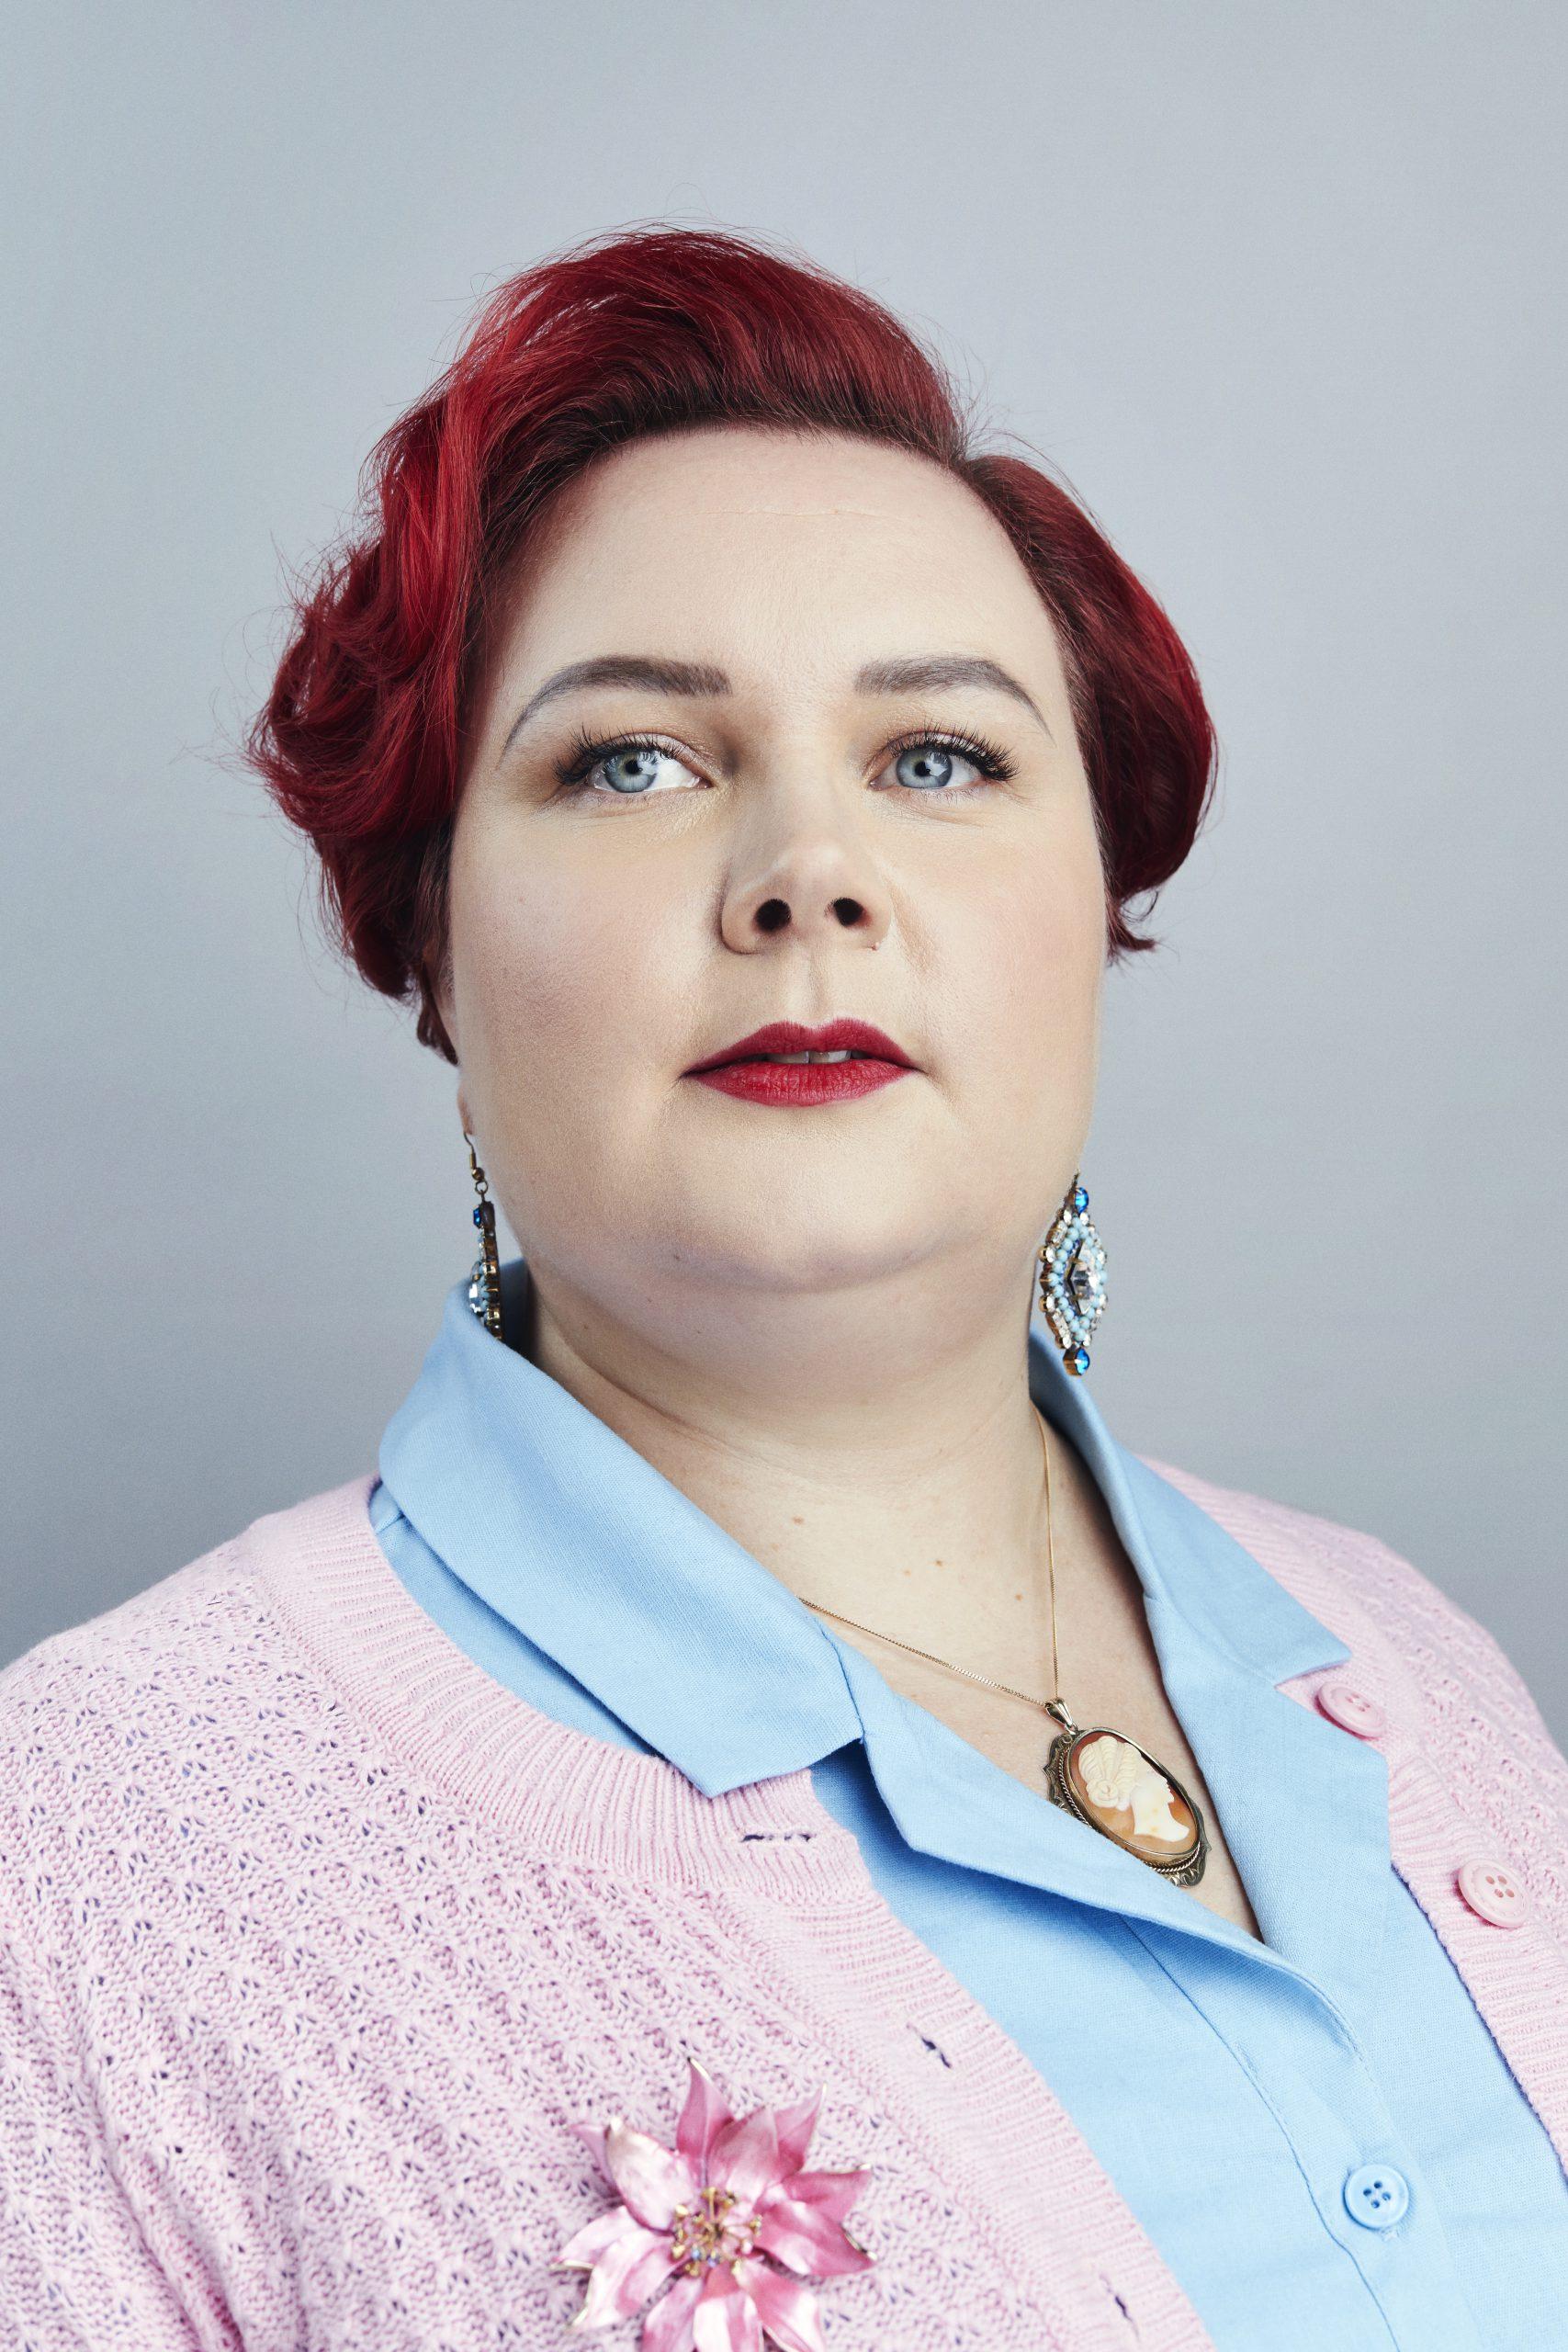 Anna Hahtala